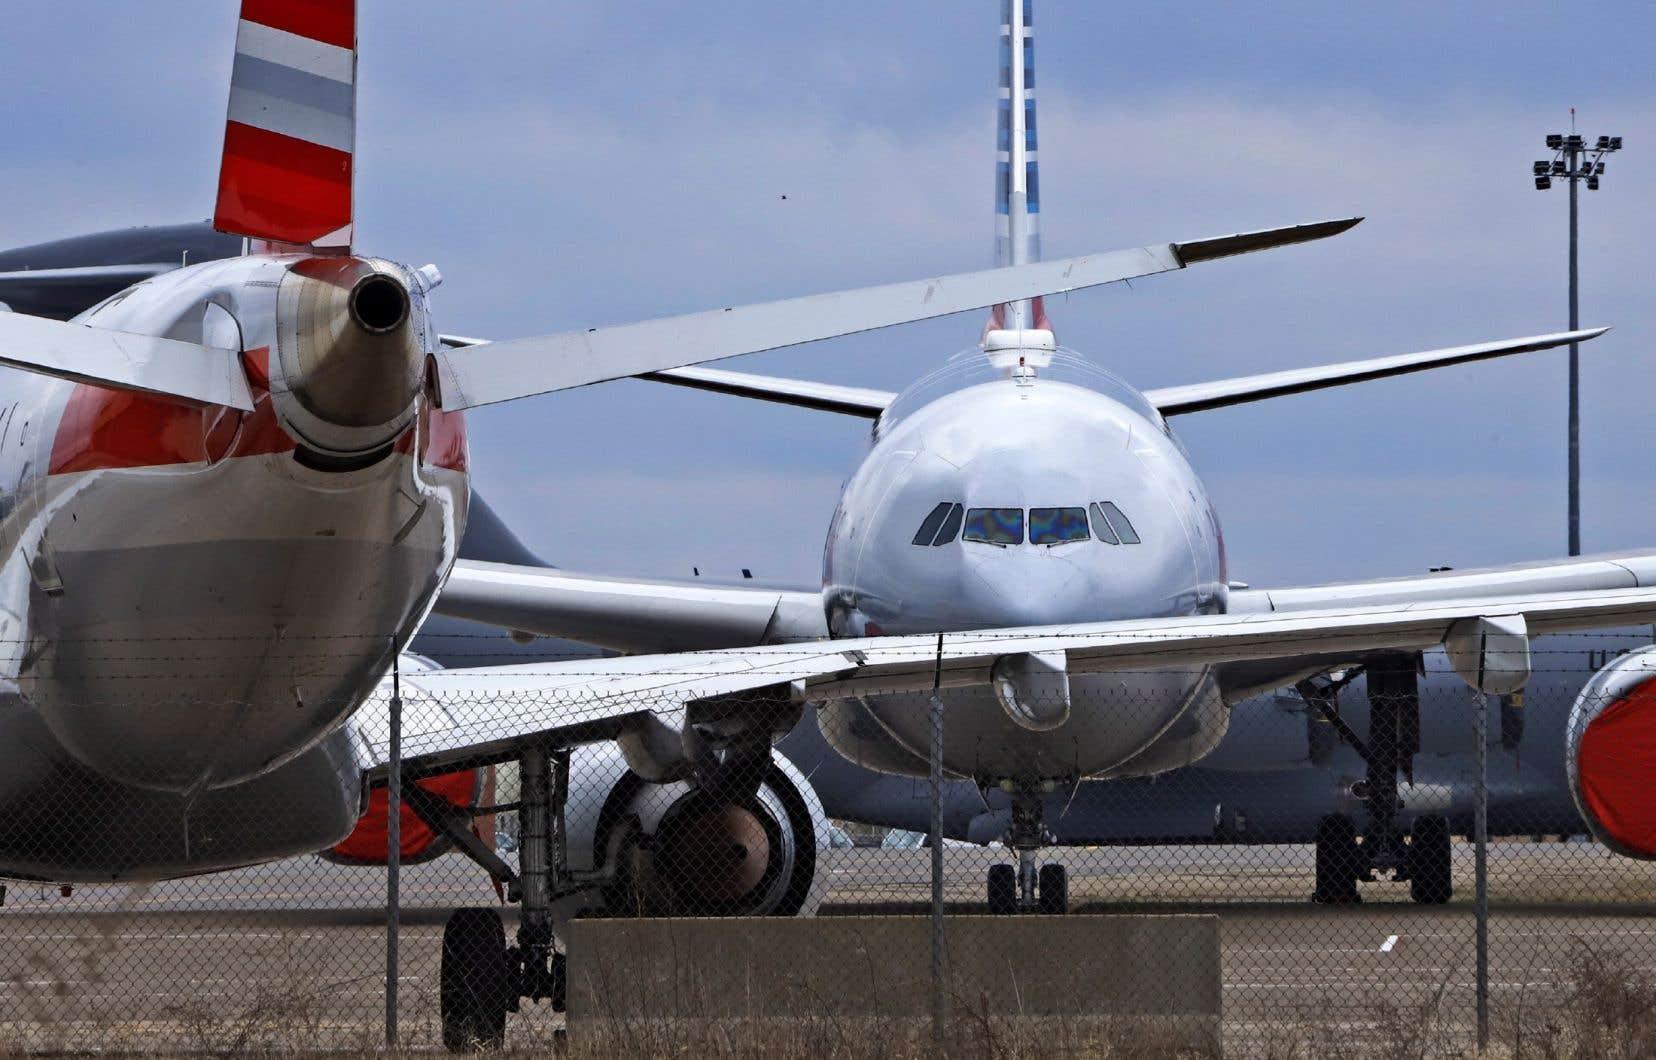 Le plan historique de 2200milliards de dollars de relance de l'économie, promulgué fin mars par le président Donald Trump, prévoit 25milliards de dollars de subventions aux compagnies aériennes pour préserver les emplois.